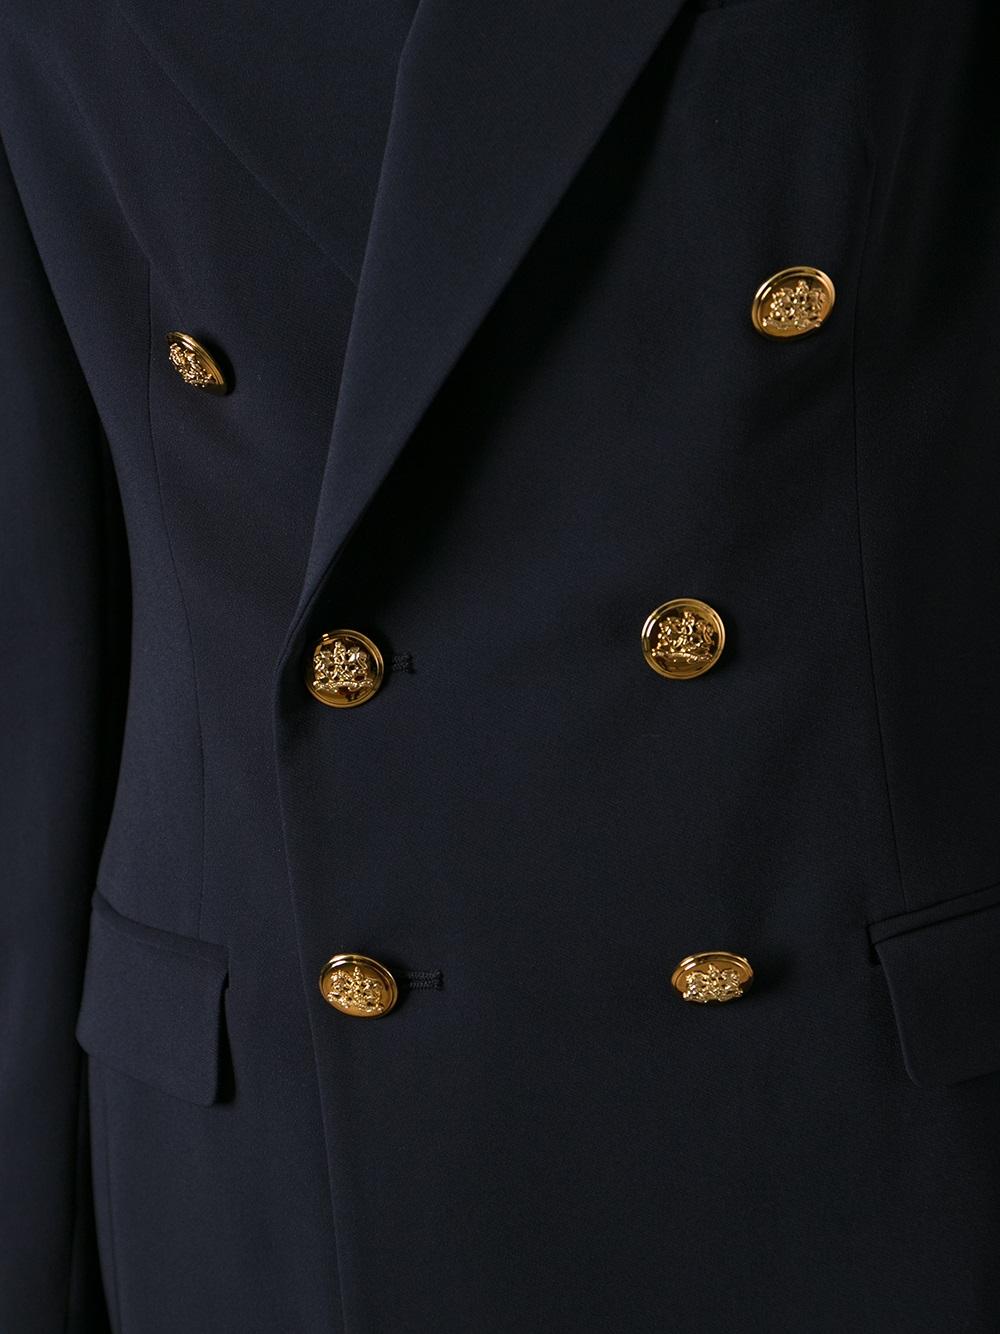 Ralph lauren jacket buttons